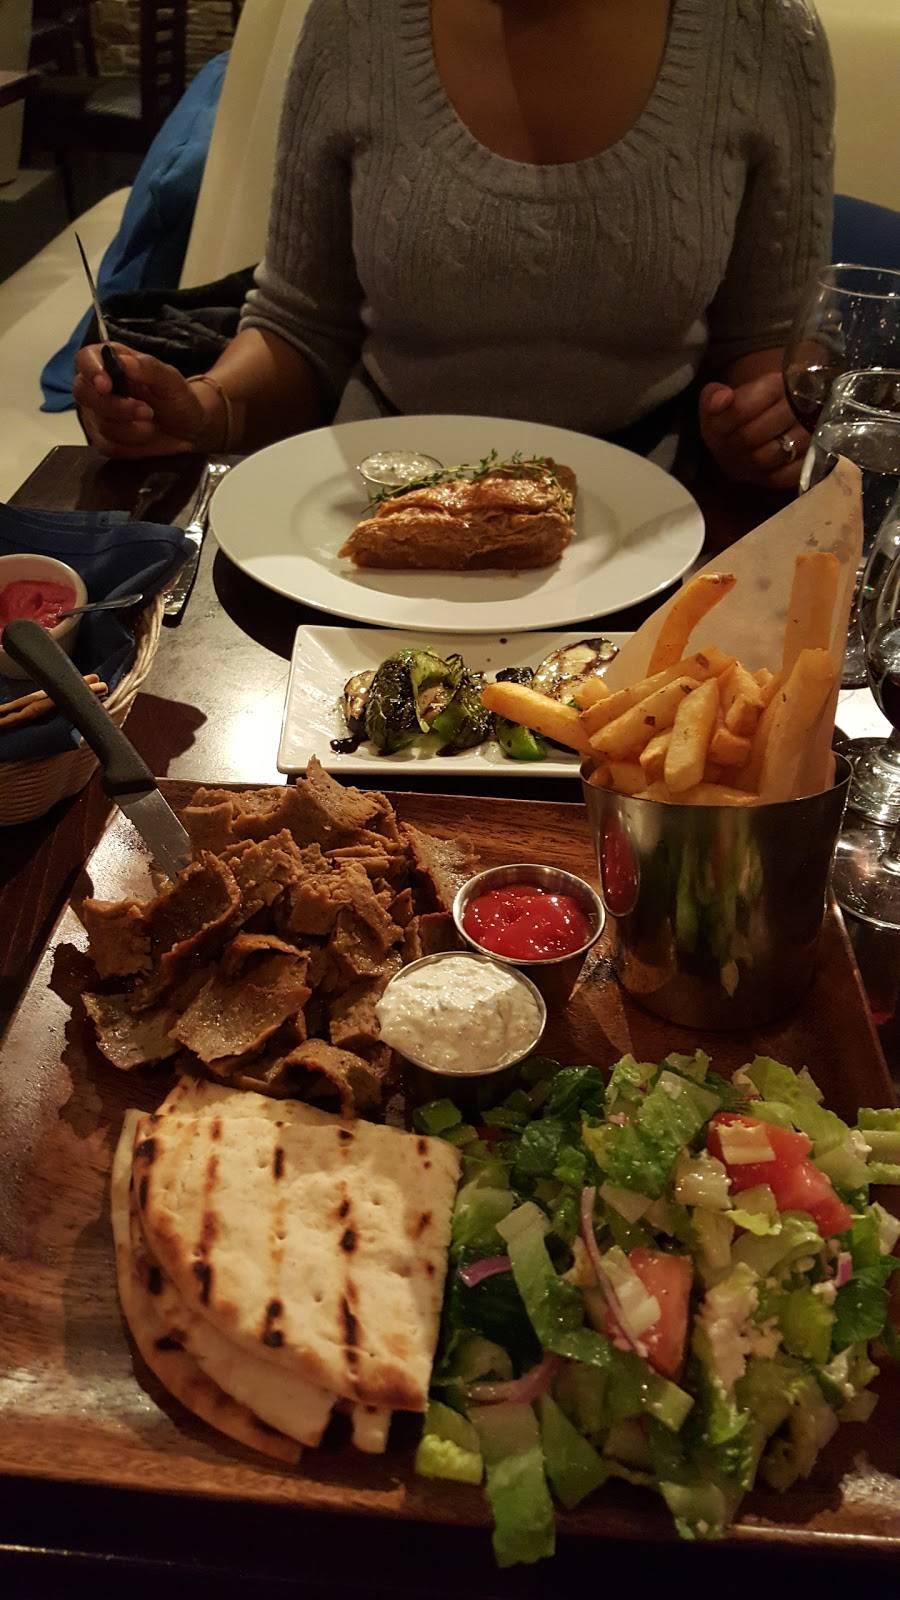 Kyma Greek Cuisine | restaurant | 24 E Main St, Somerville, NJ 08876, USA | 9088644730 OR +1 908-864-4730